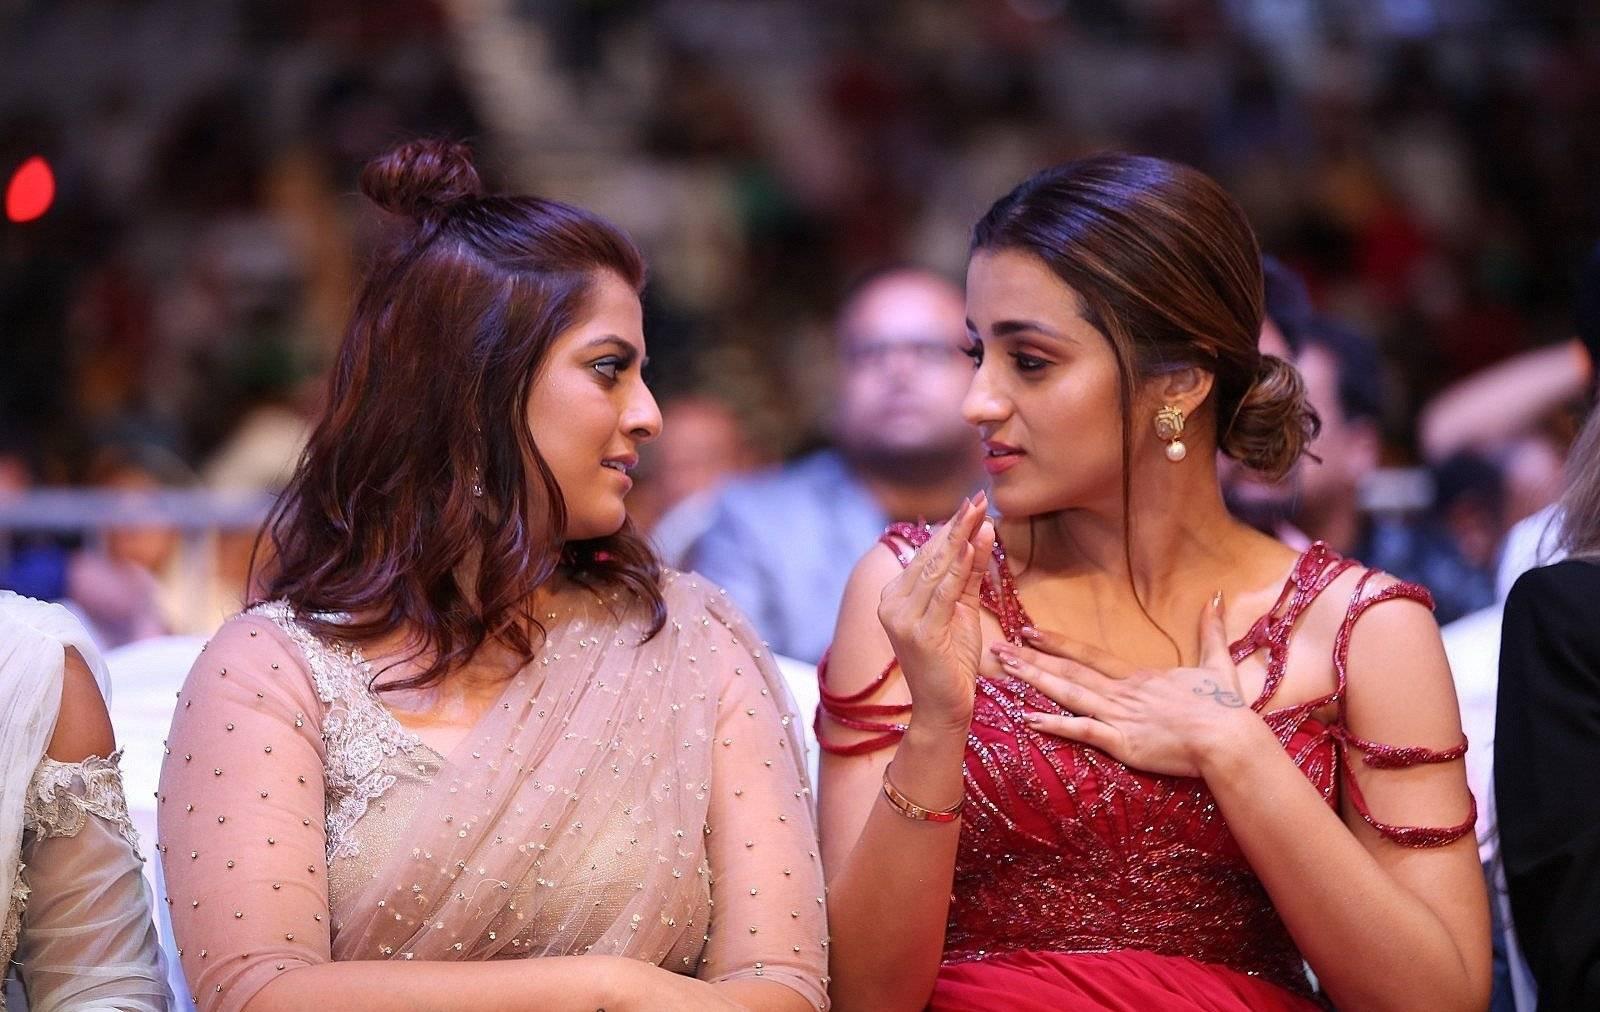 South Indian Actress Trisha Krishnan at SIIMA Awards 2019